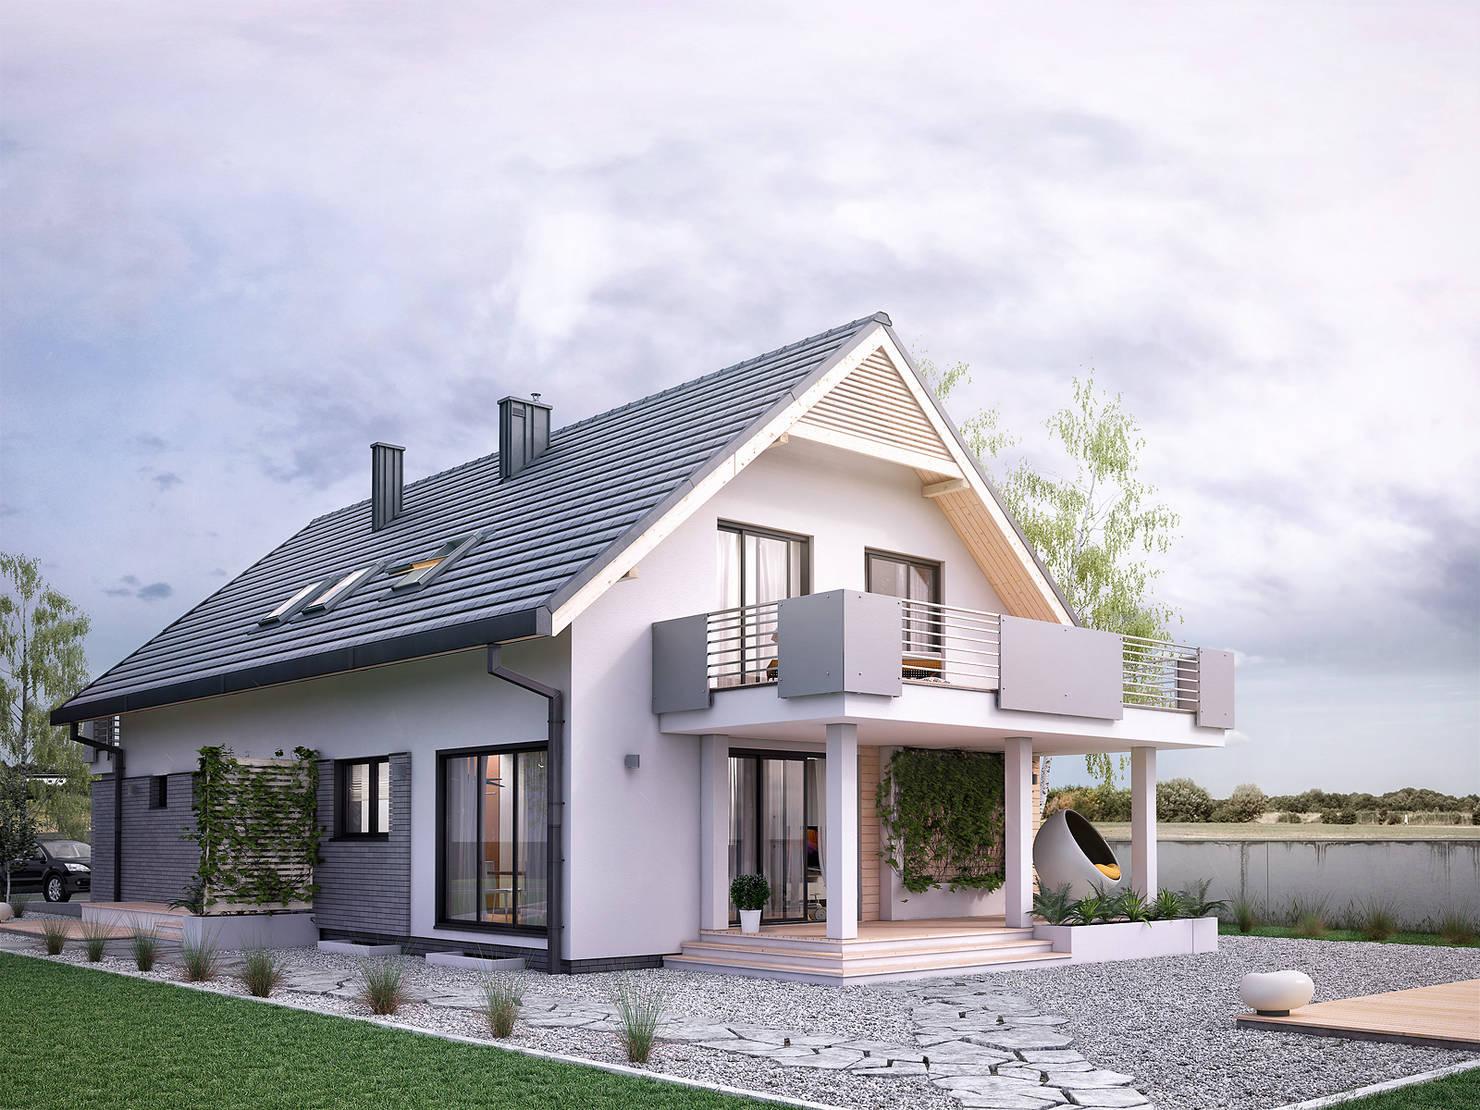 Ein modernes Einfamilienhaus präsentiert seine Grundrisse